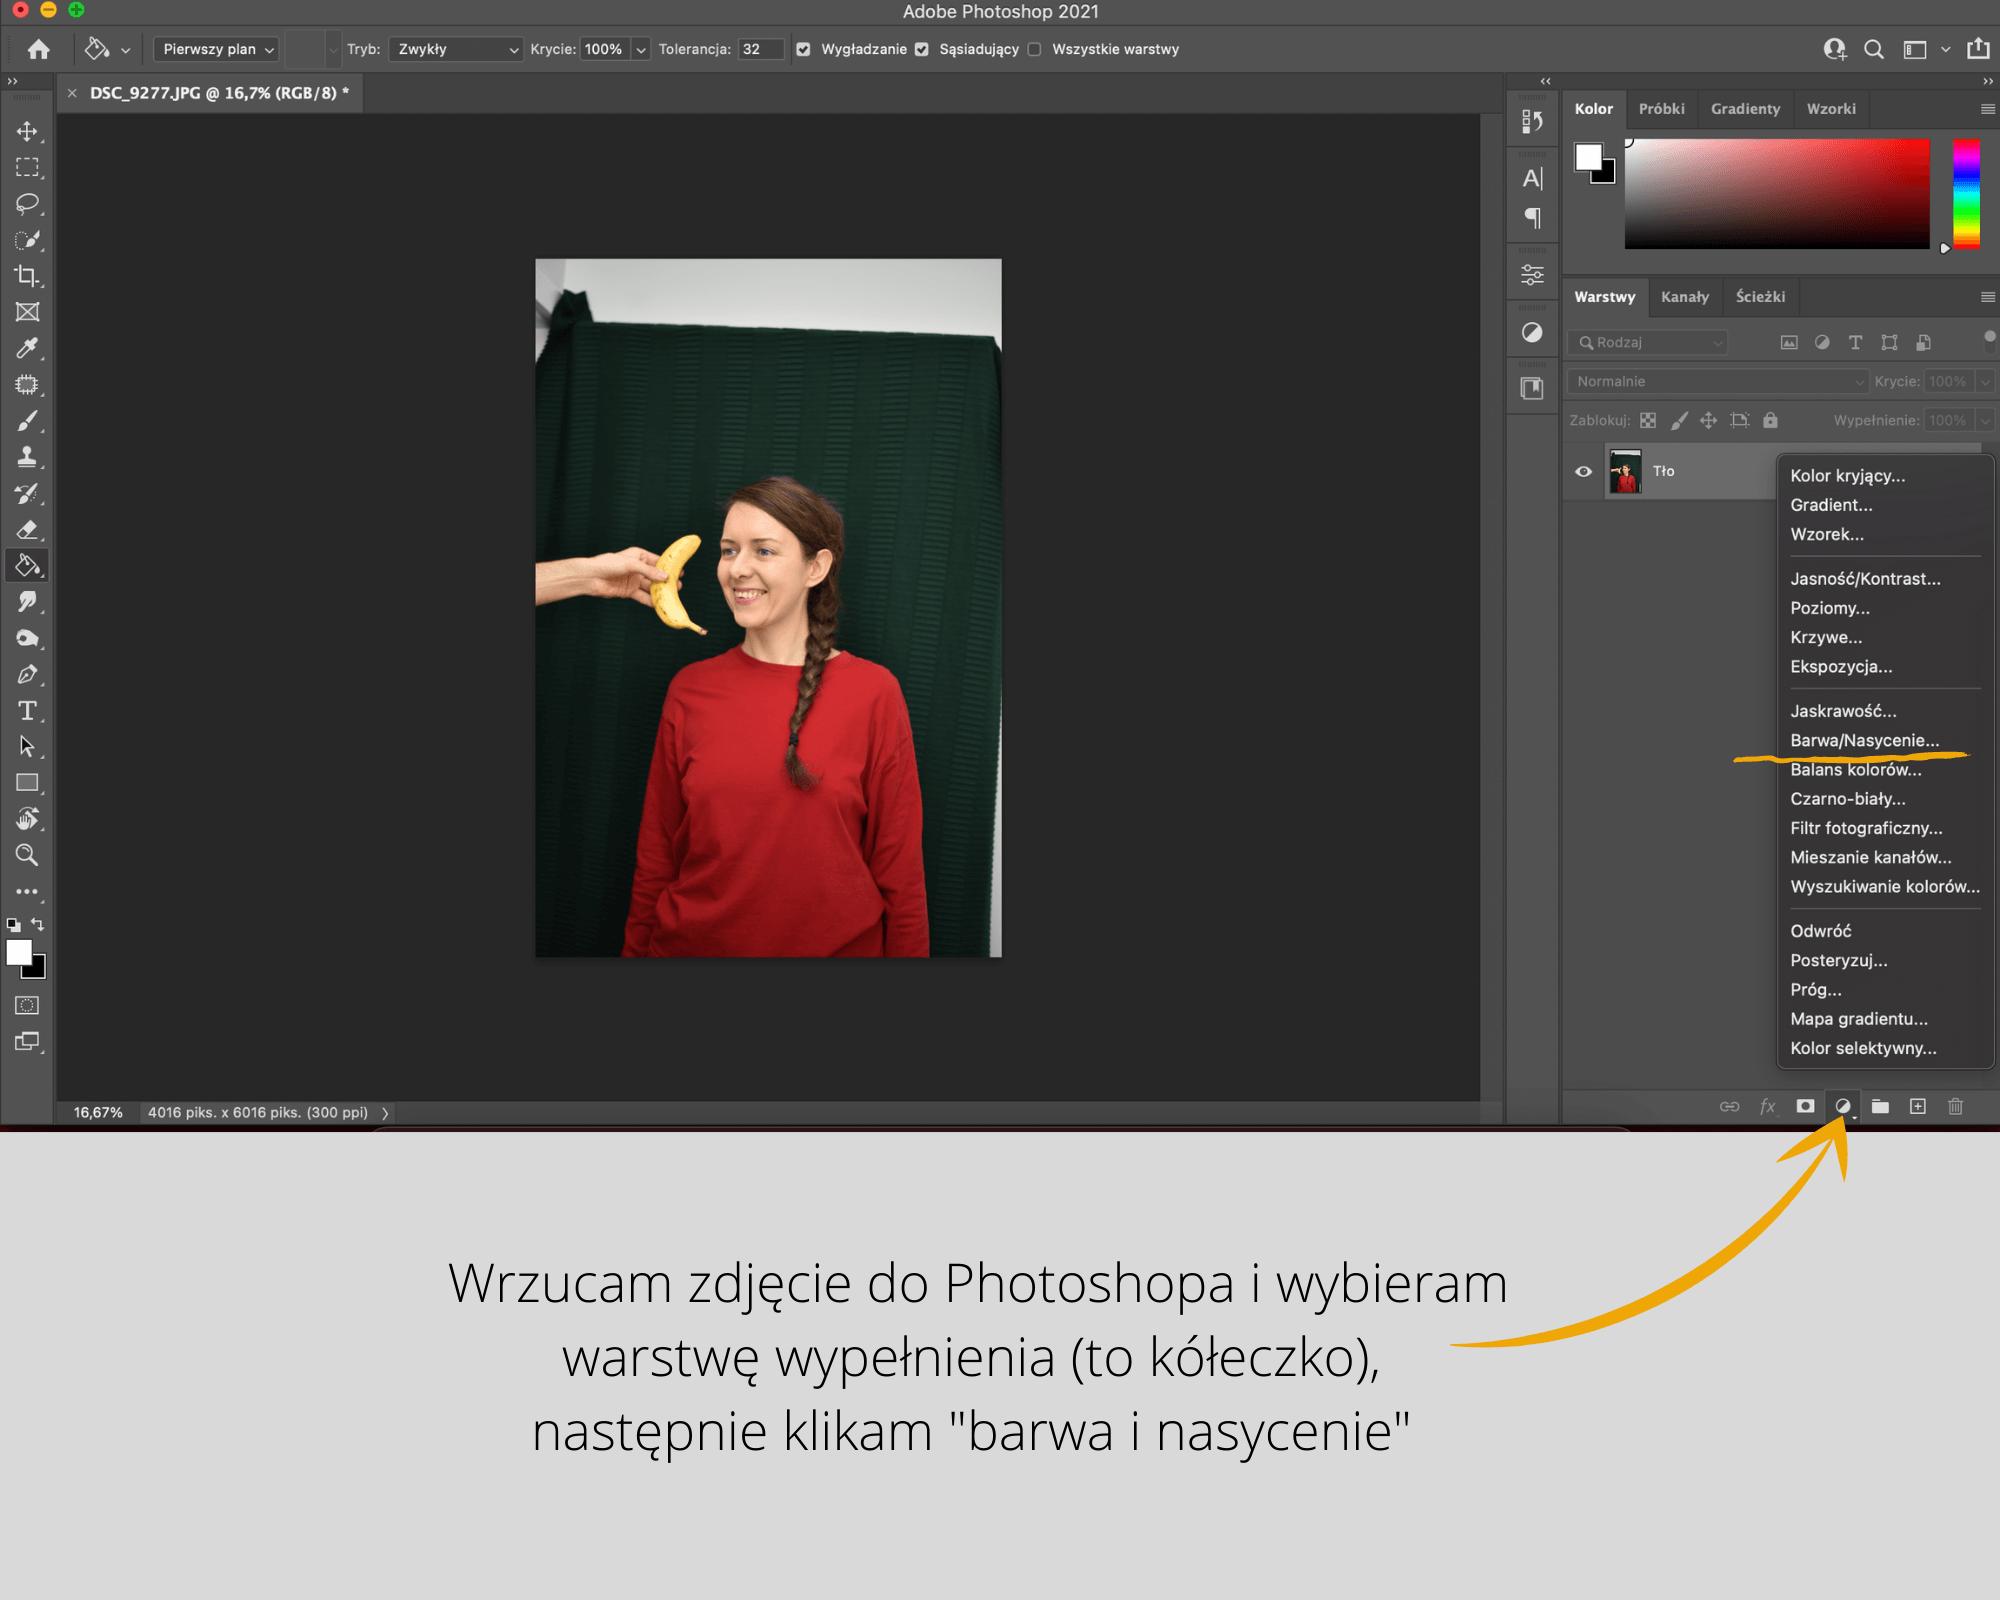 Jak w prosty sposób zmienić kolor w photoshopie